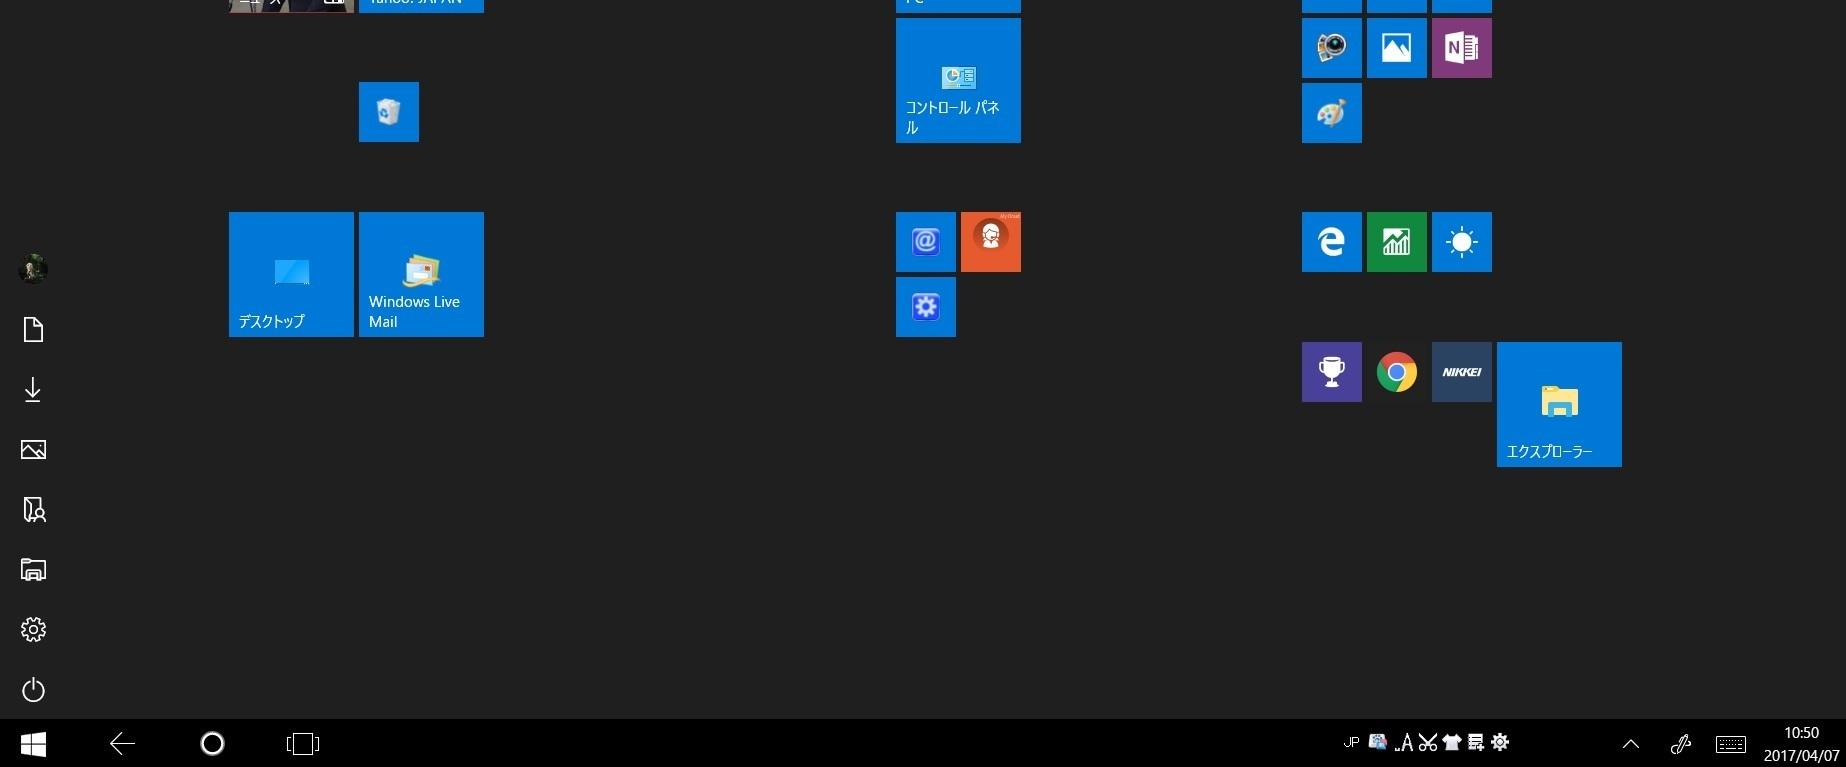 アイコンのあるデスクトップの画面が出ません Windows 10のq A 解決済み Okwave